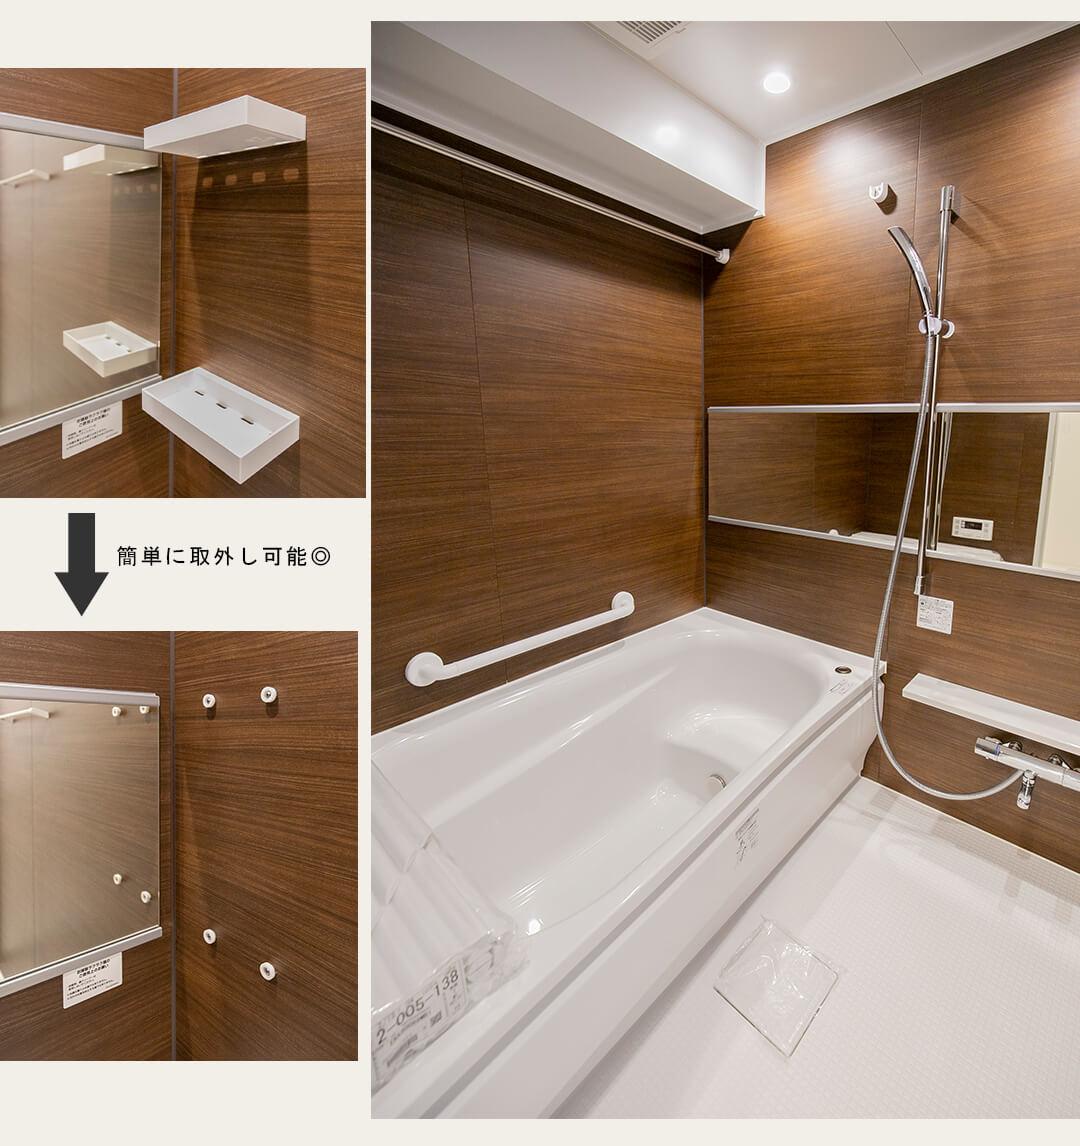 朝日シティパリオ高井戸の浴室